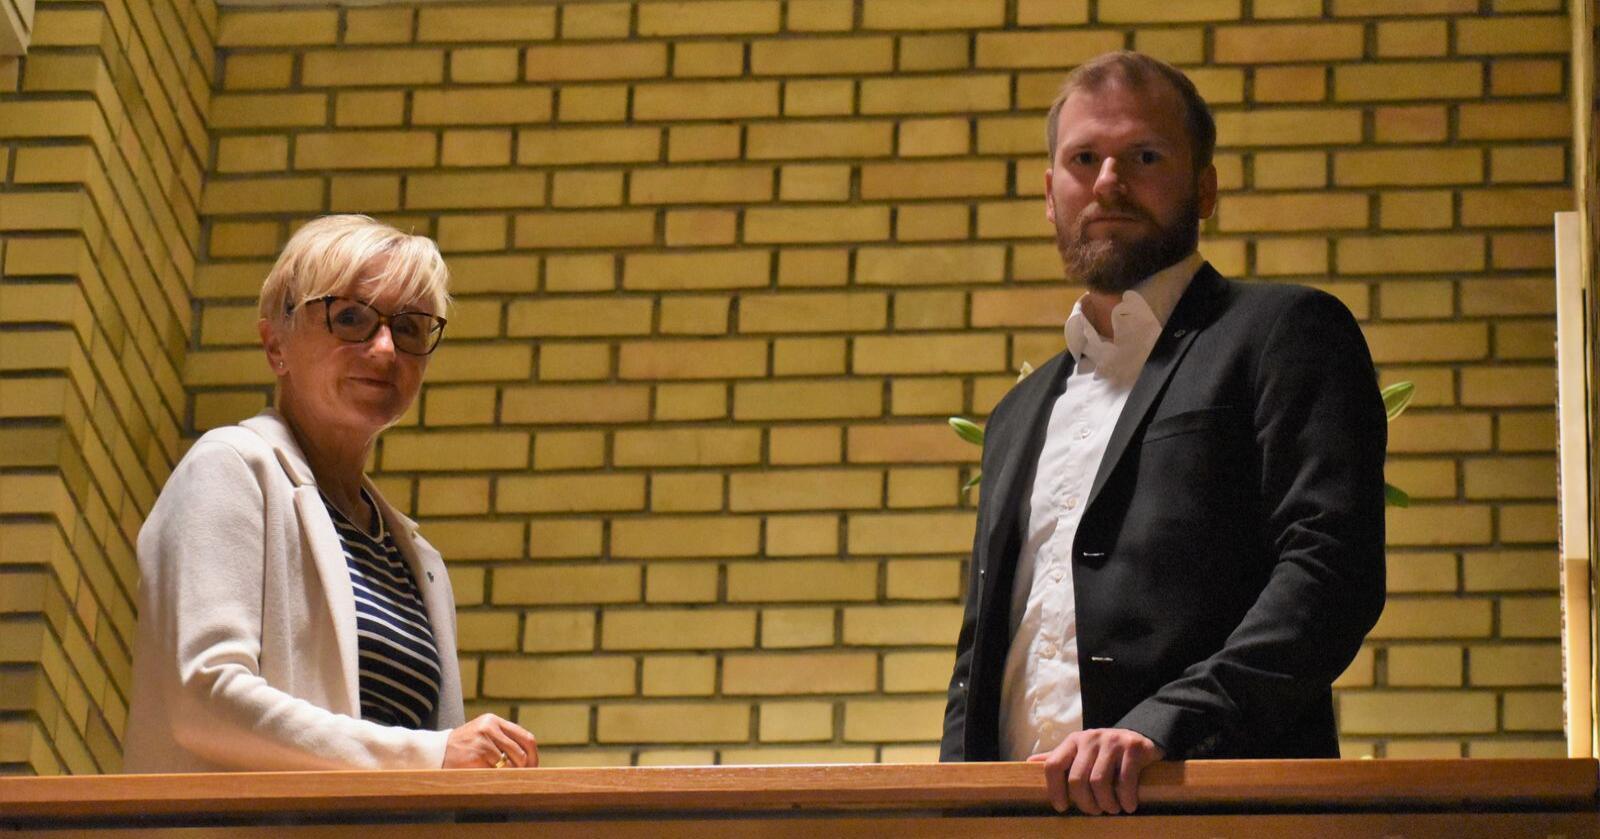 Liv Signe Navarsete (Sp) og Willfred Nordlund (Sp) advarer mot fremtidige kostnadssprekker på Evenes. Foto: Henrik Heldahl